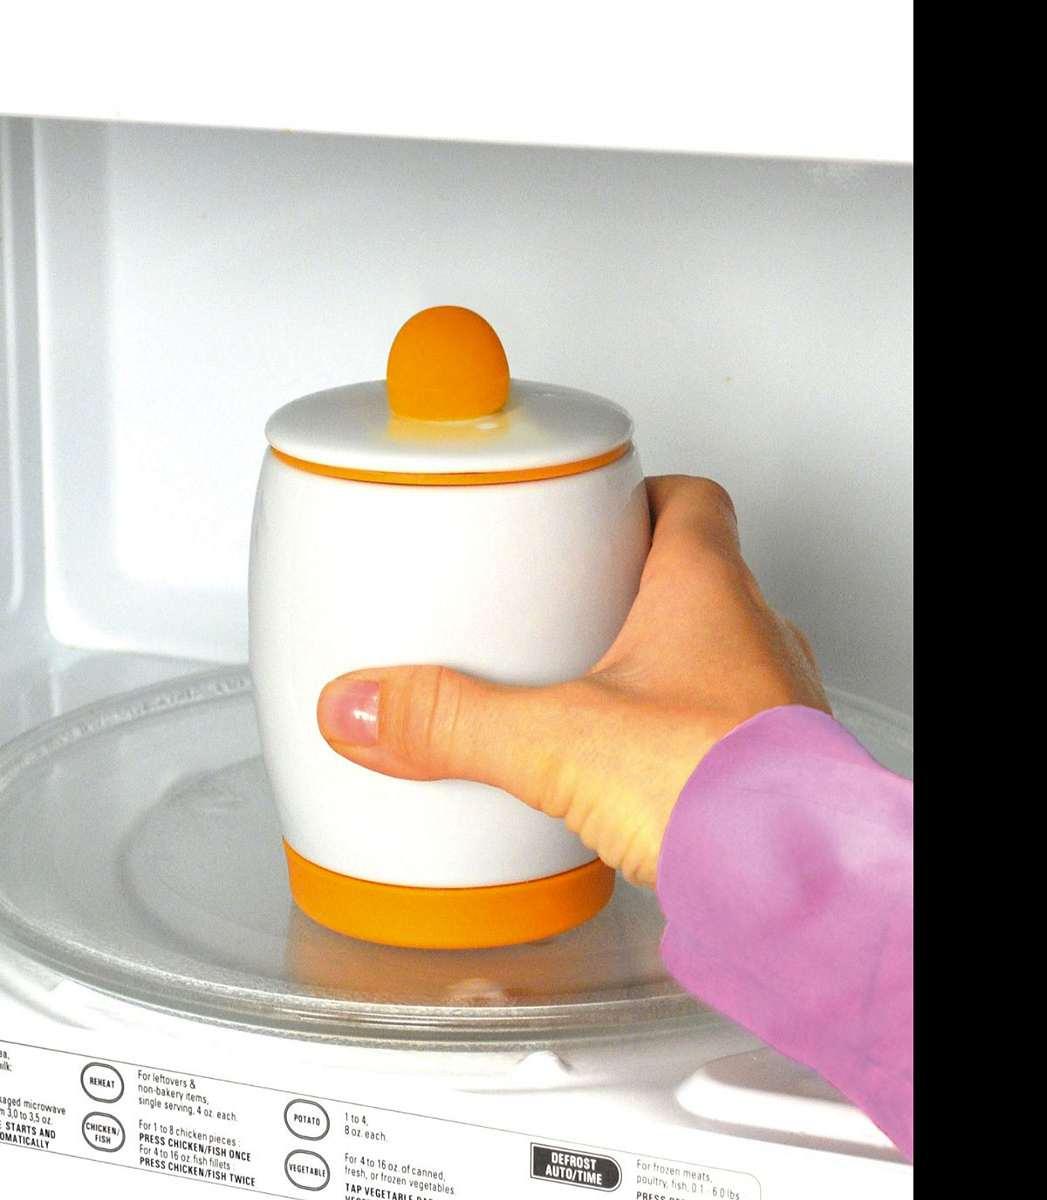 plastic microwave egg boiler instructions